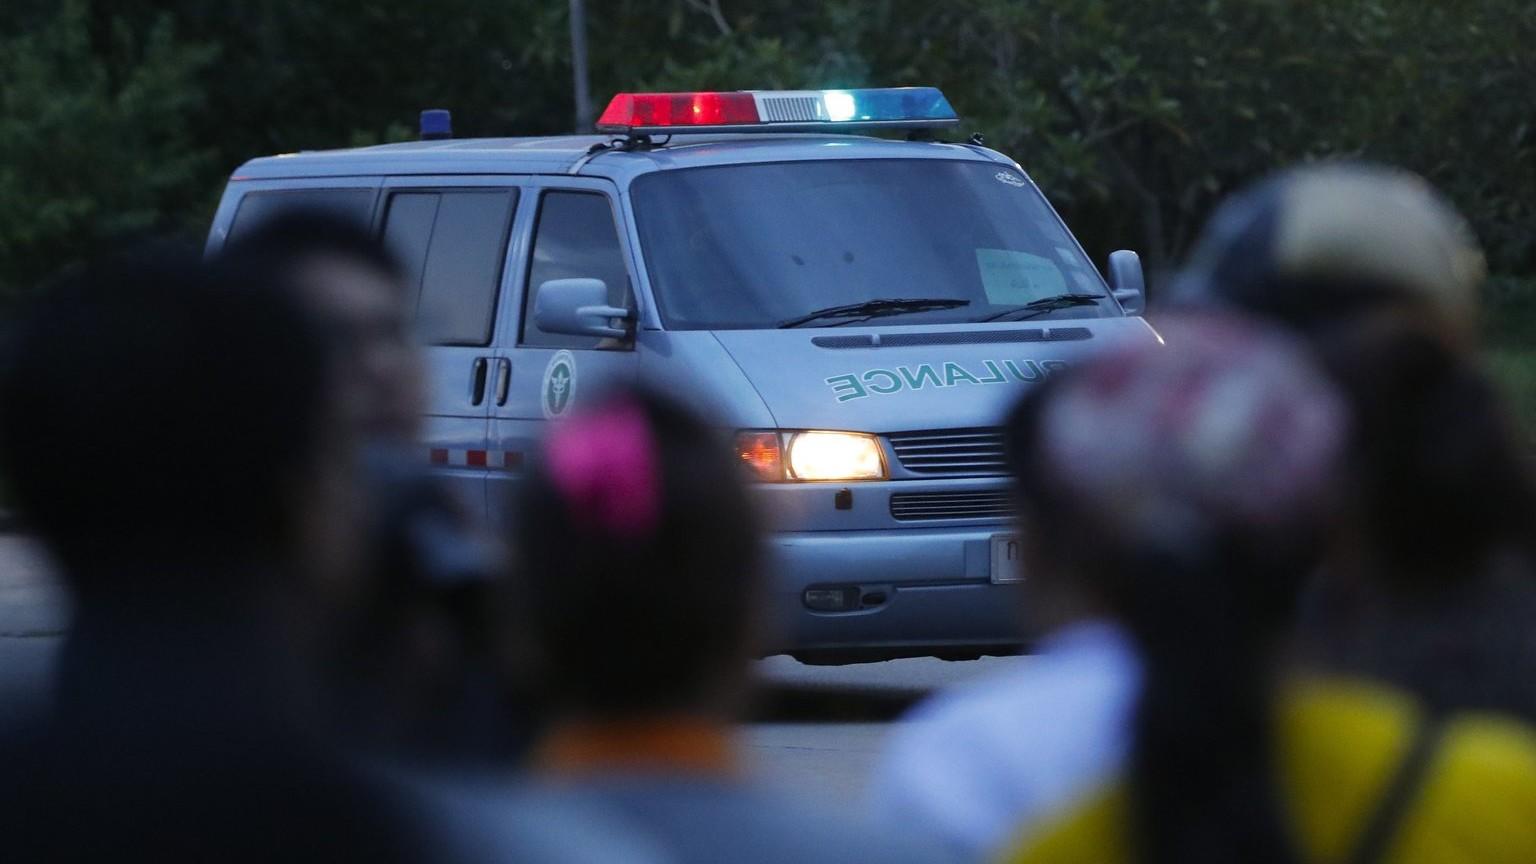 Feltehetőleg az egyik, barlangból kimentett fiút szállító mentőautó indul a kórház felé Csiangrajban 2018. július 10-én (MTI/AP/Vincent Thian)